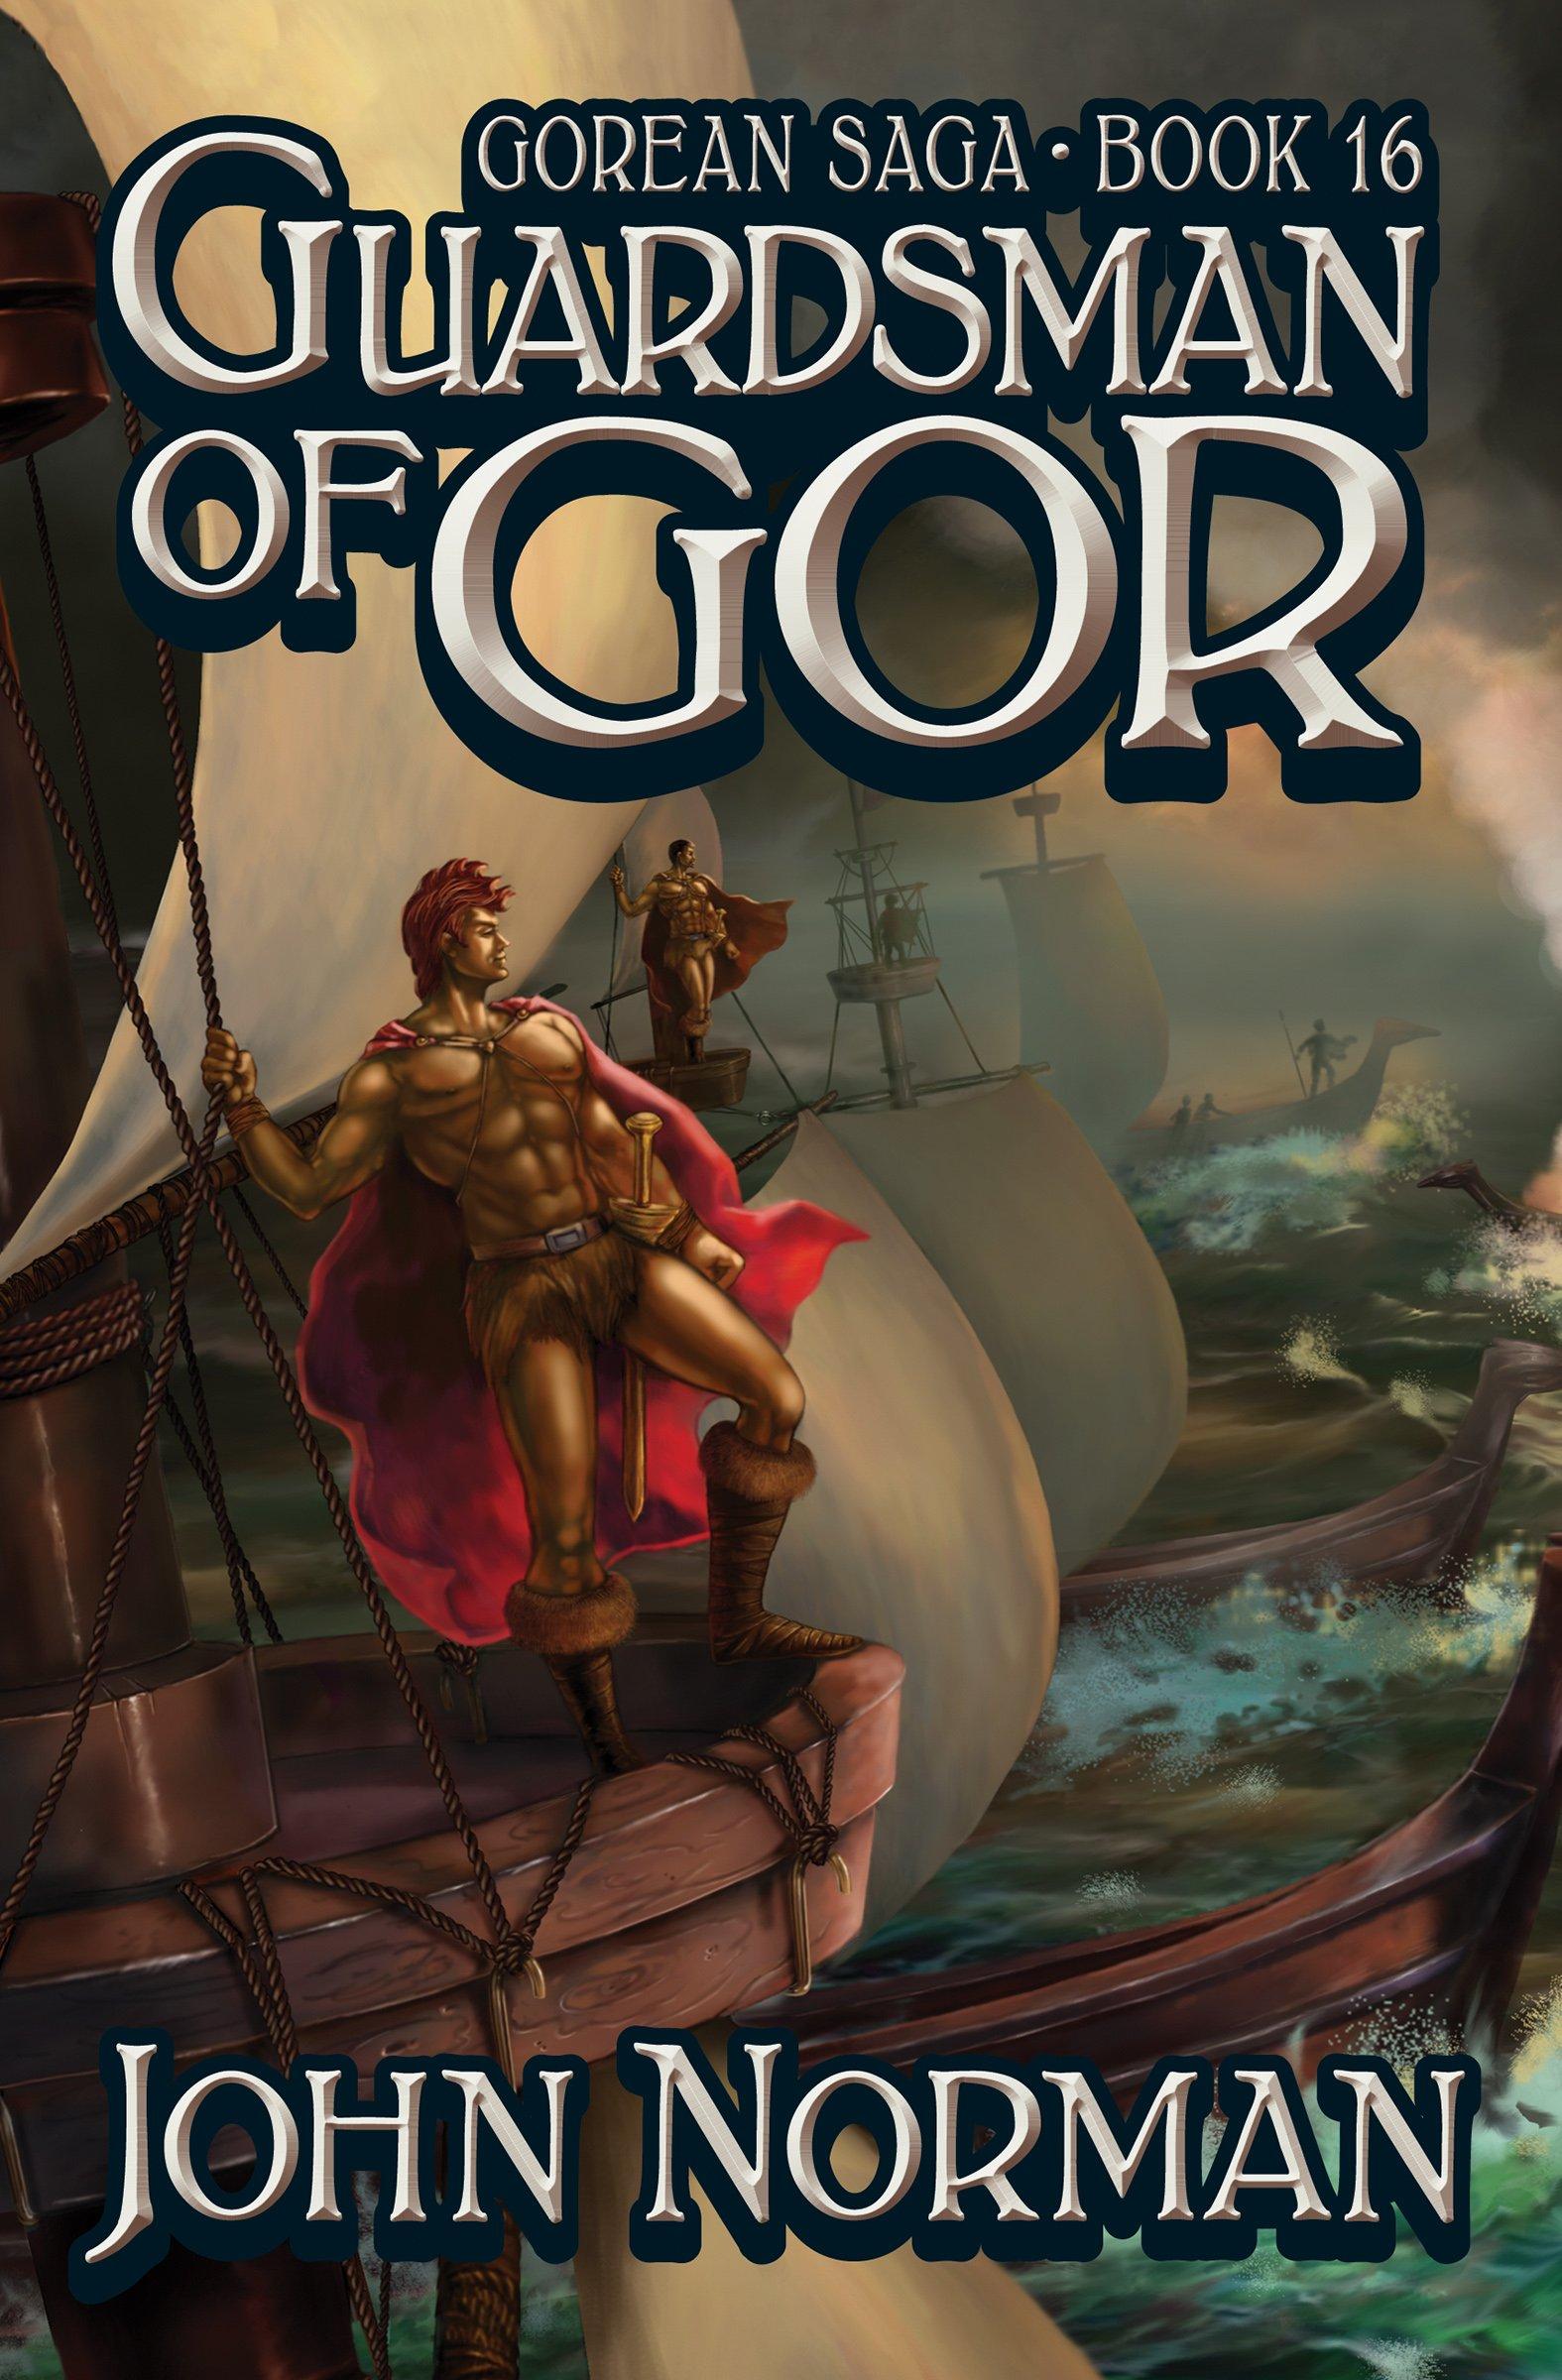 John Norman - Guardsman of Gor (Gor 16)